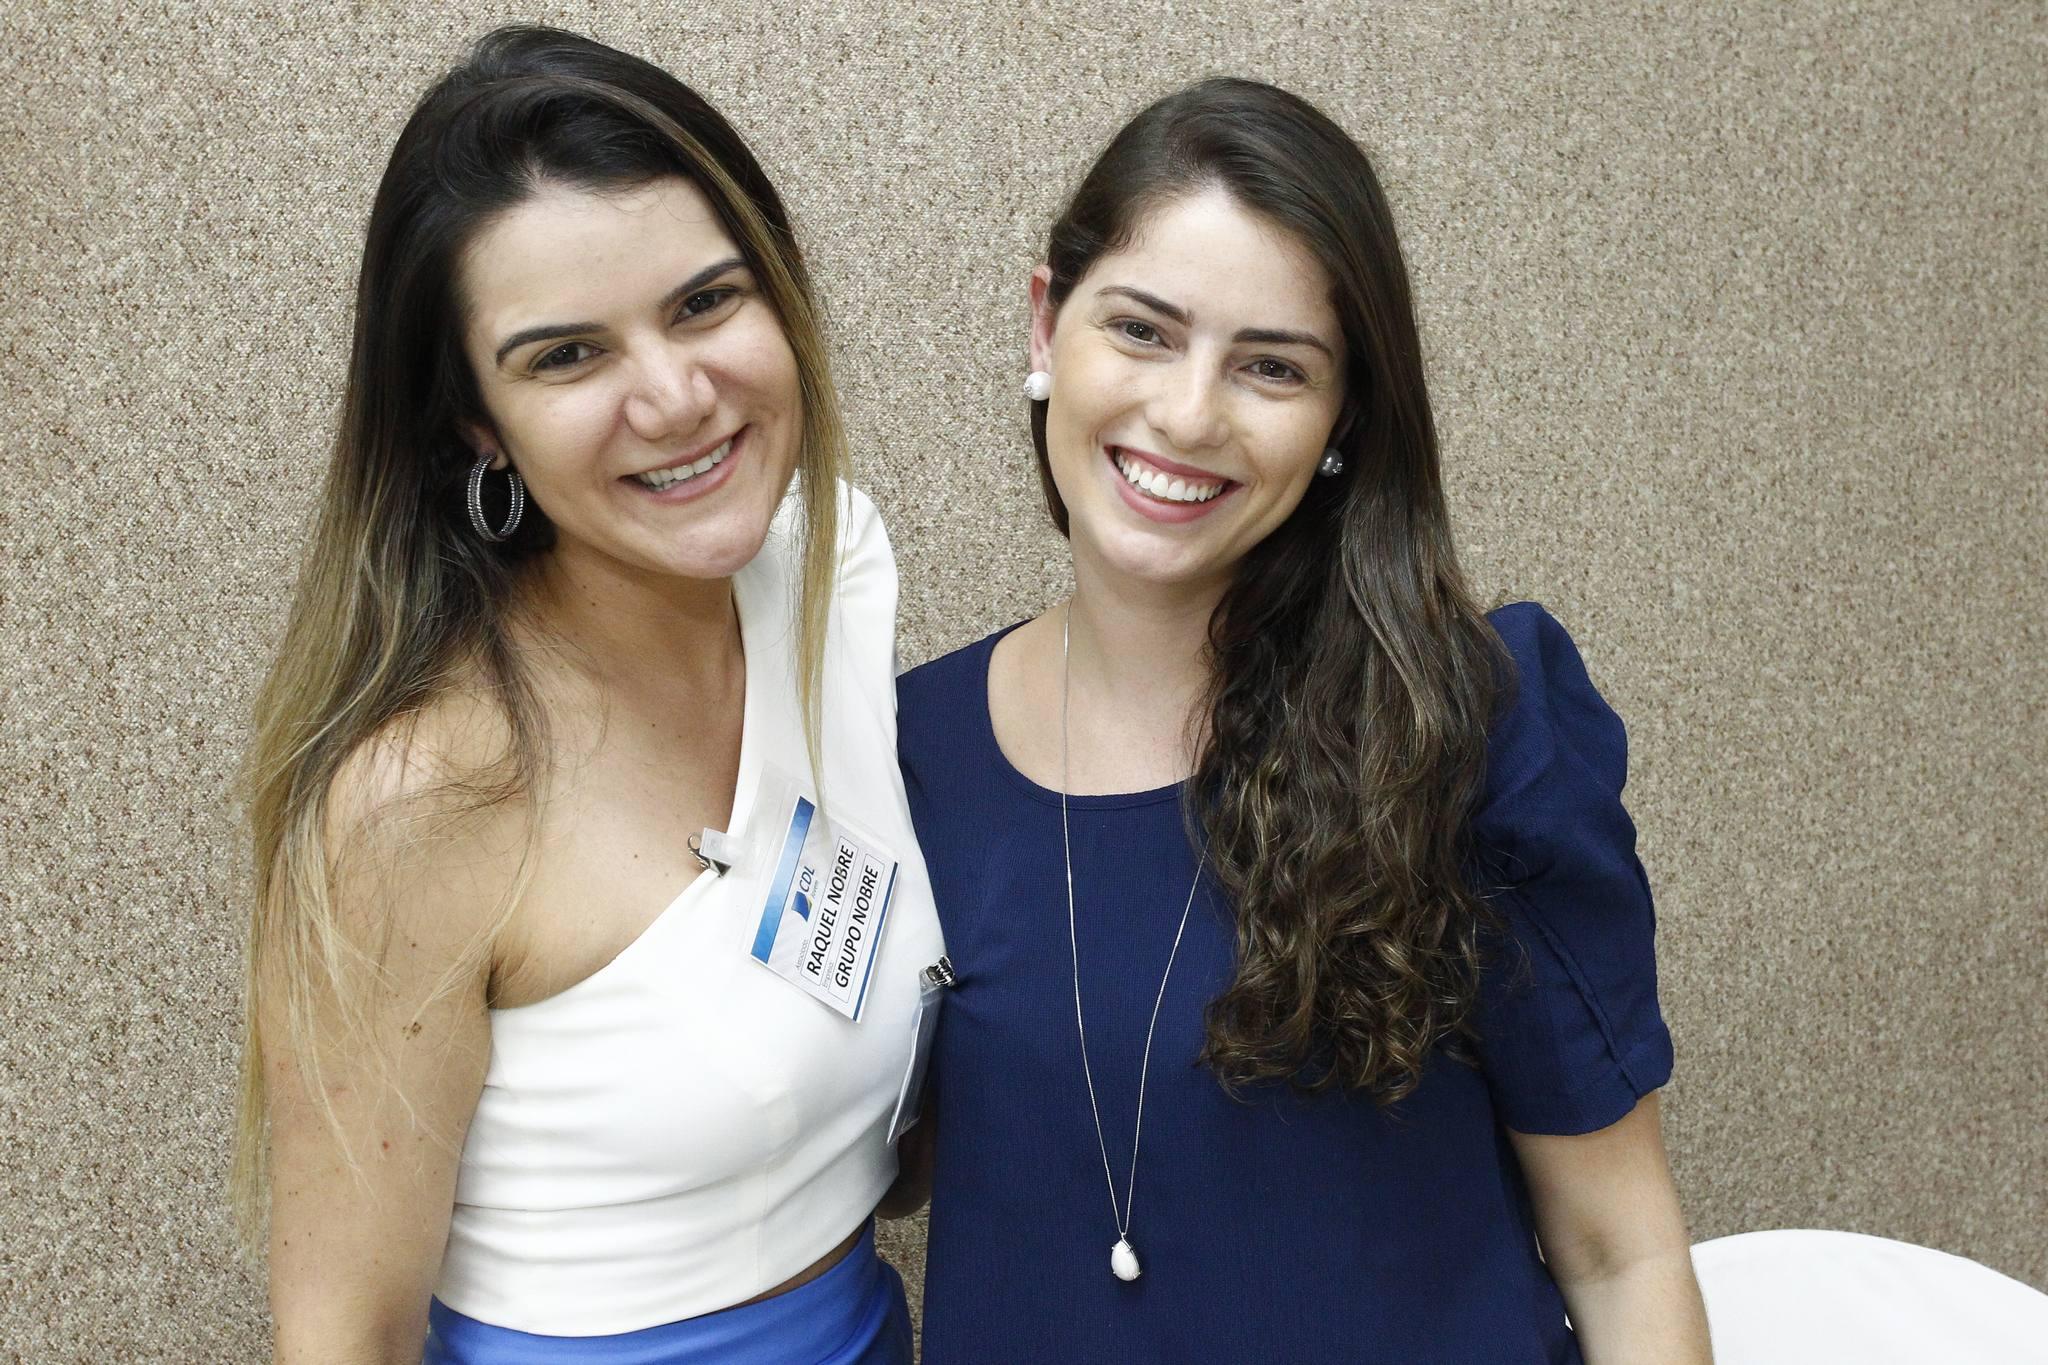 Raquel Nobre E Lais Zavattieri